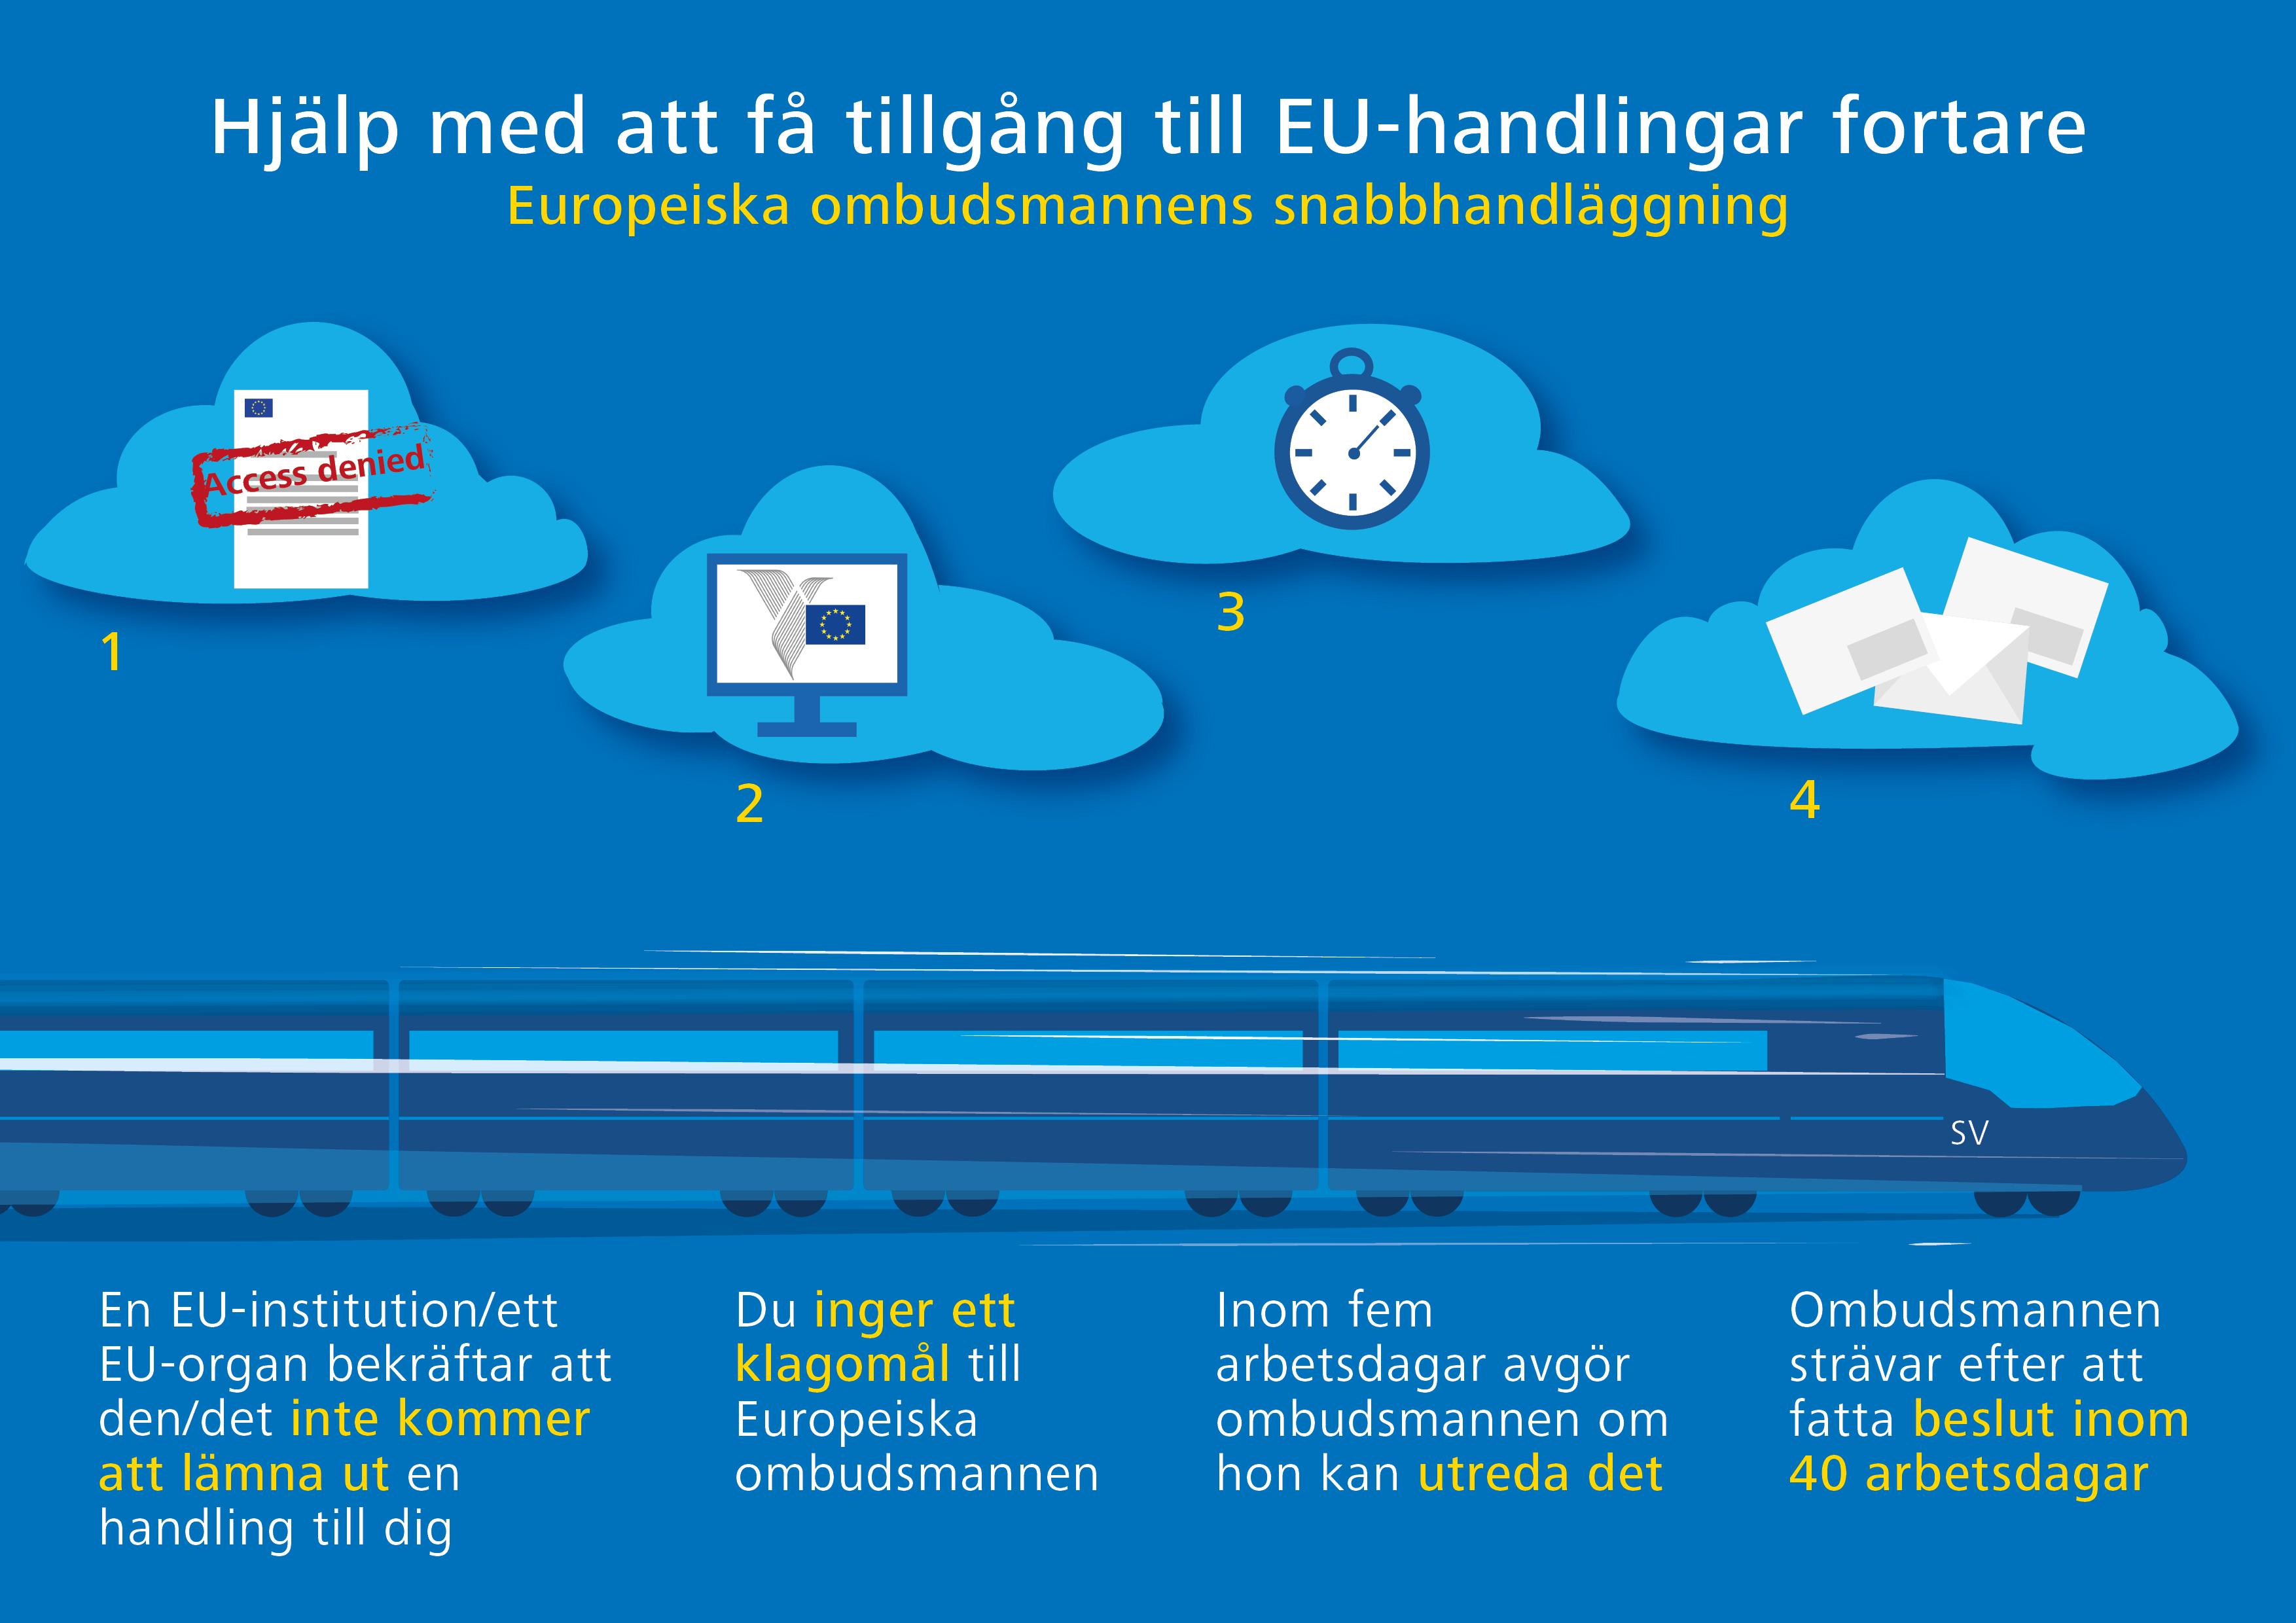 Hjälp med att få tillgång till EU-handlingar fortare